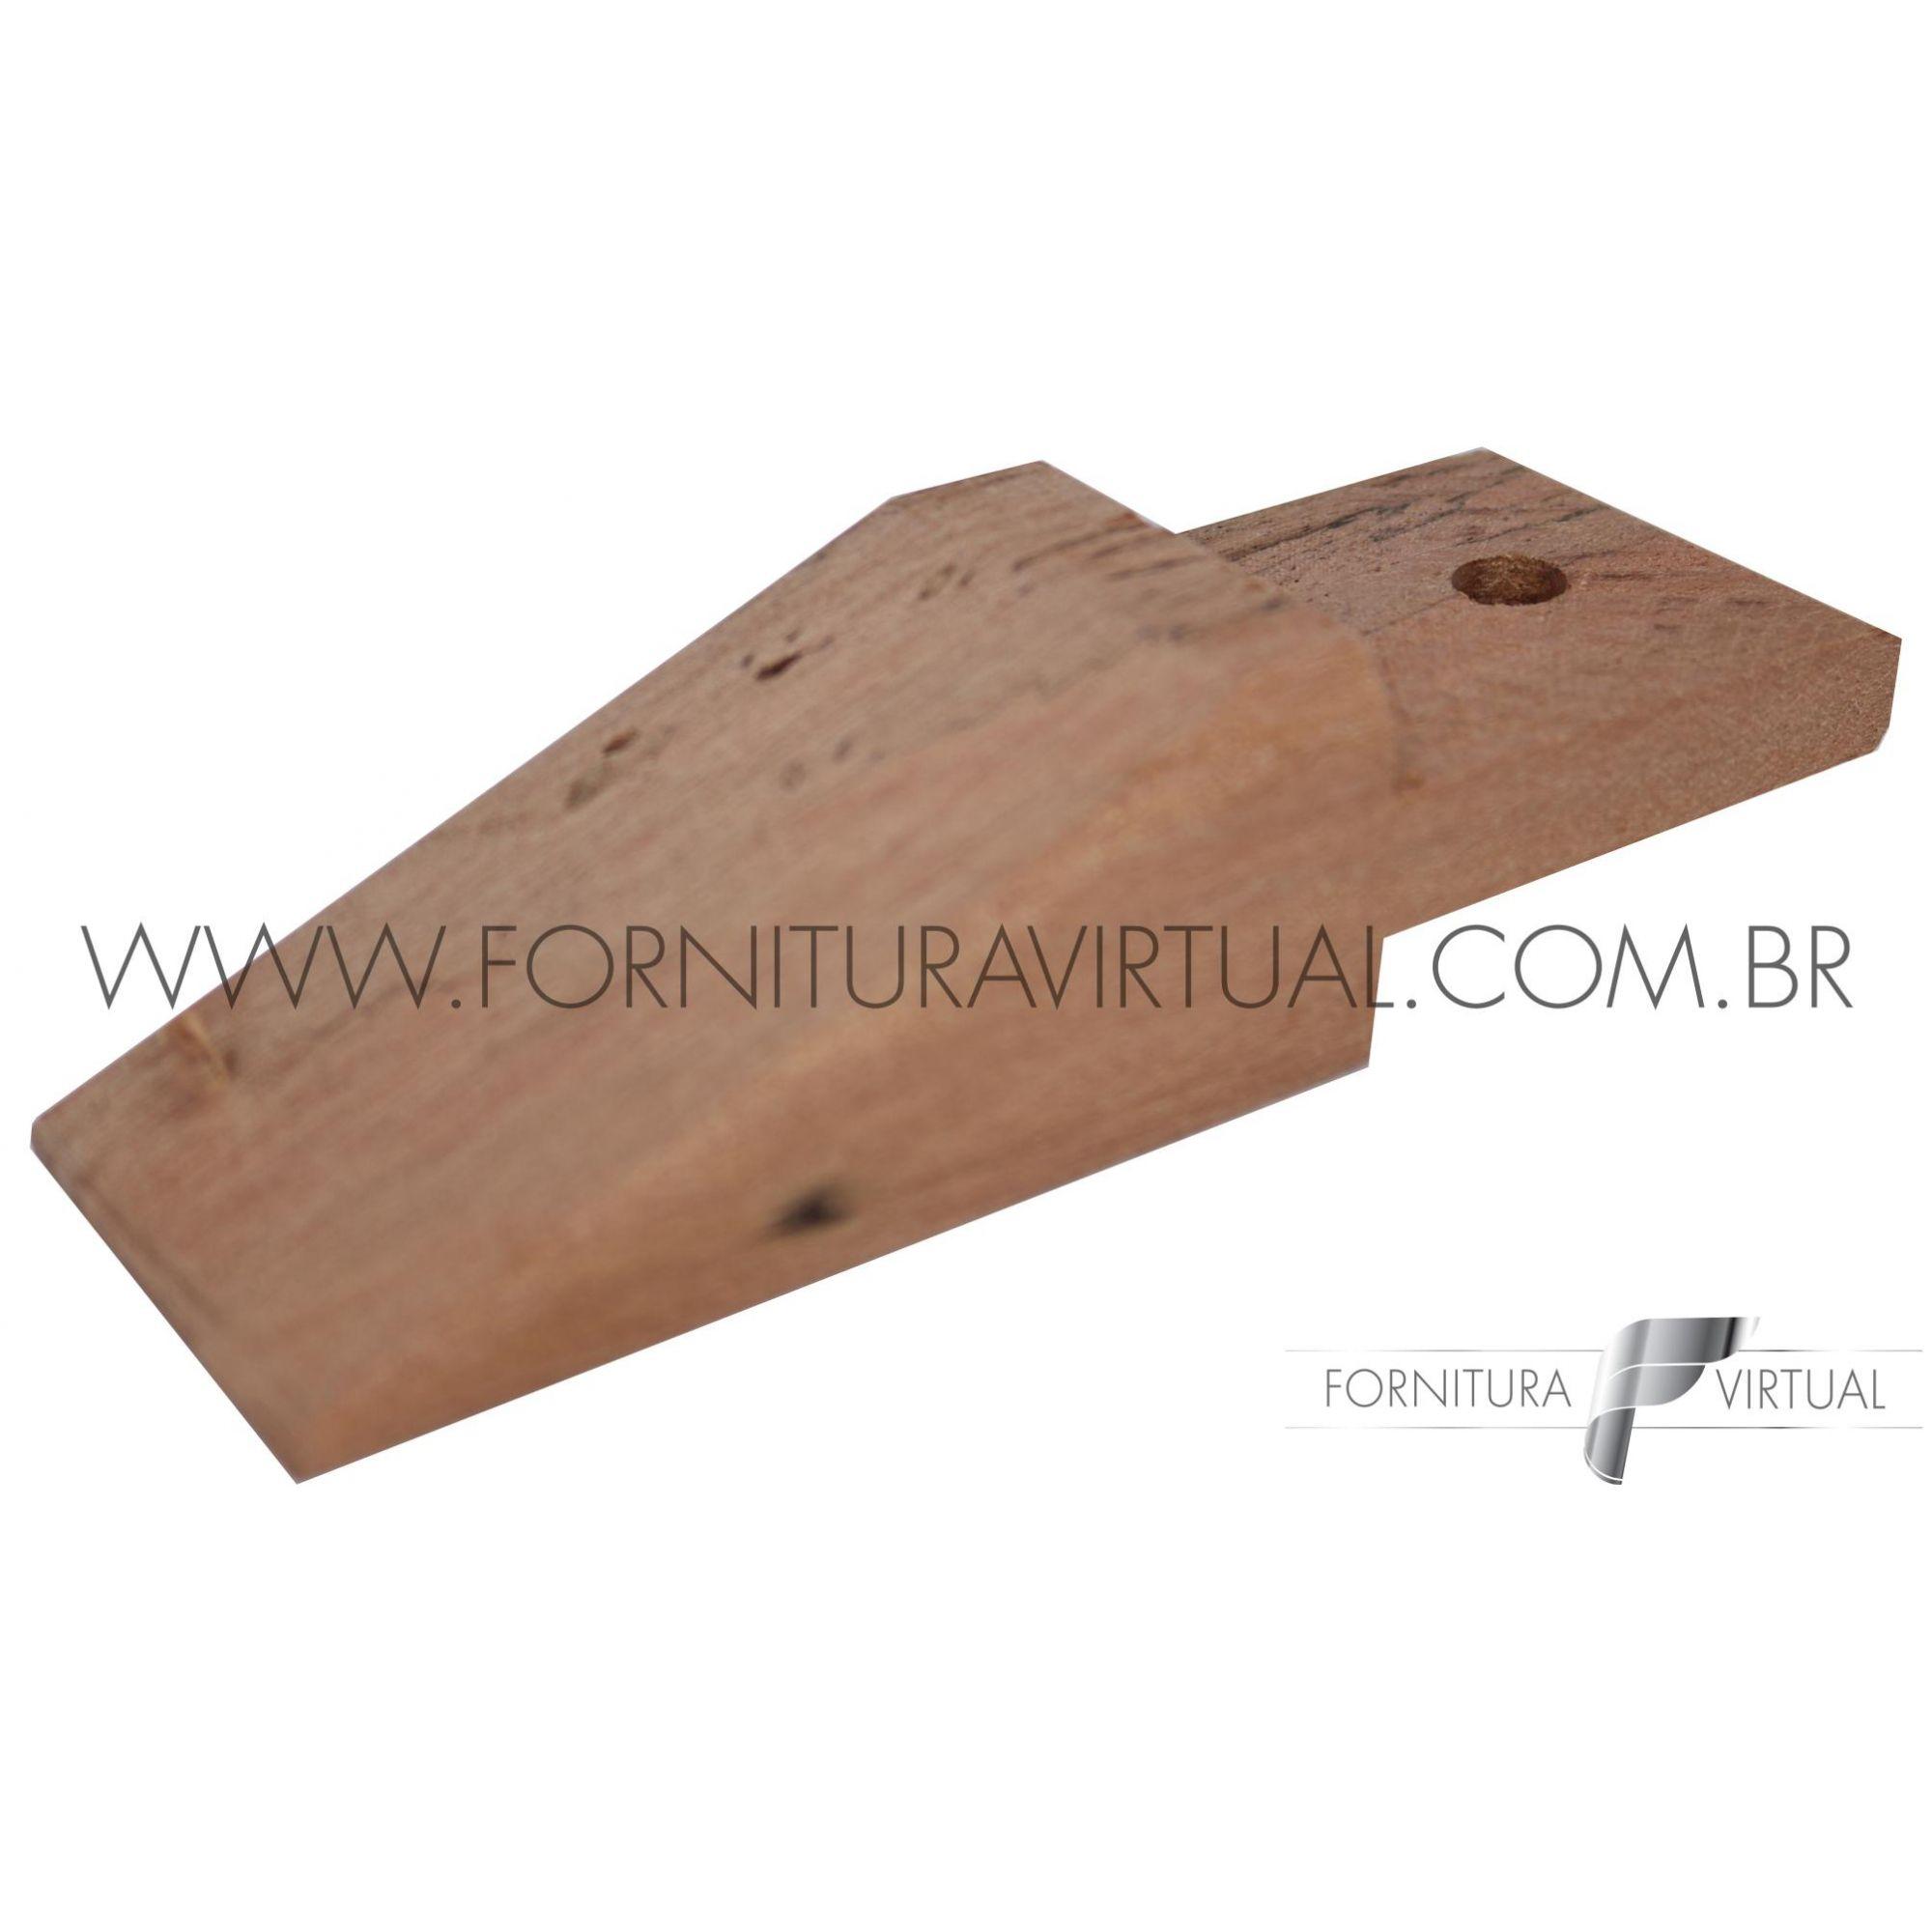 Estilheira de madeira Avulsa - Inteira